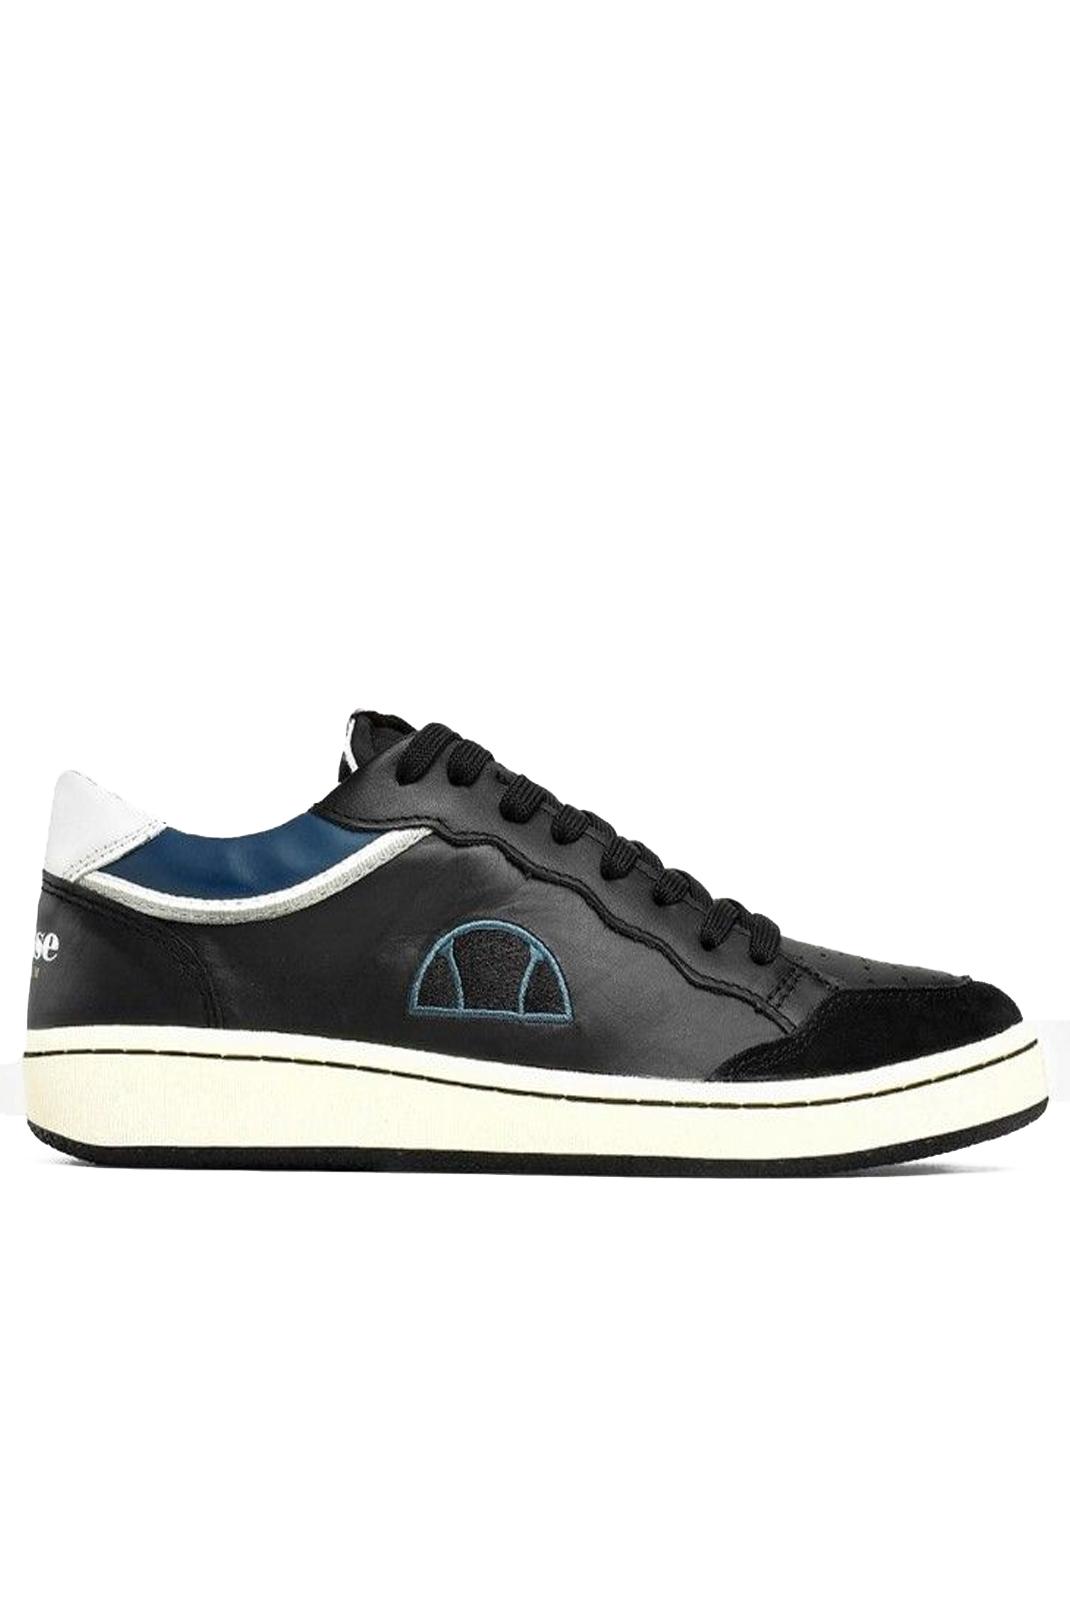 Baskets / Sport  Ellesse EL814468 H 07 BLACK / BALTIC / WHITE